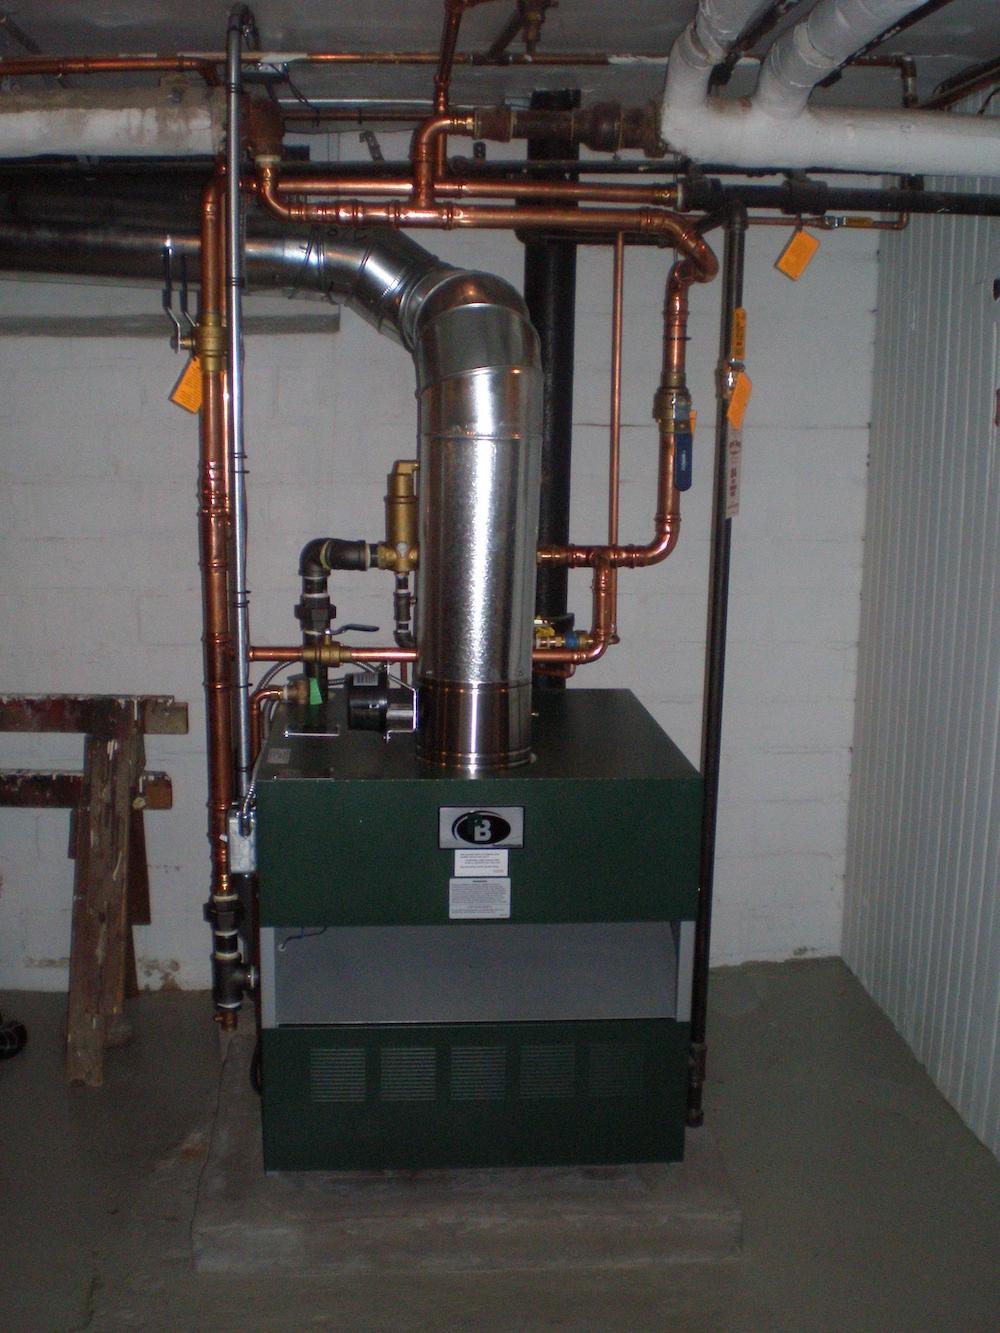 a boiler in a basement